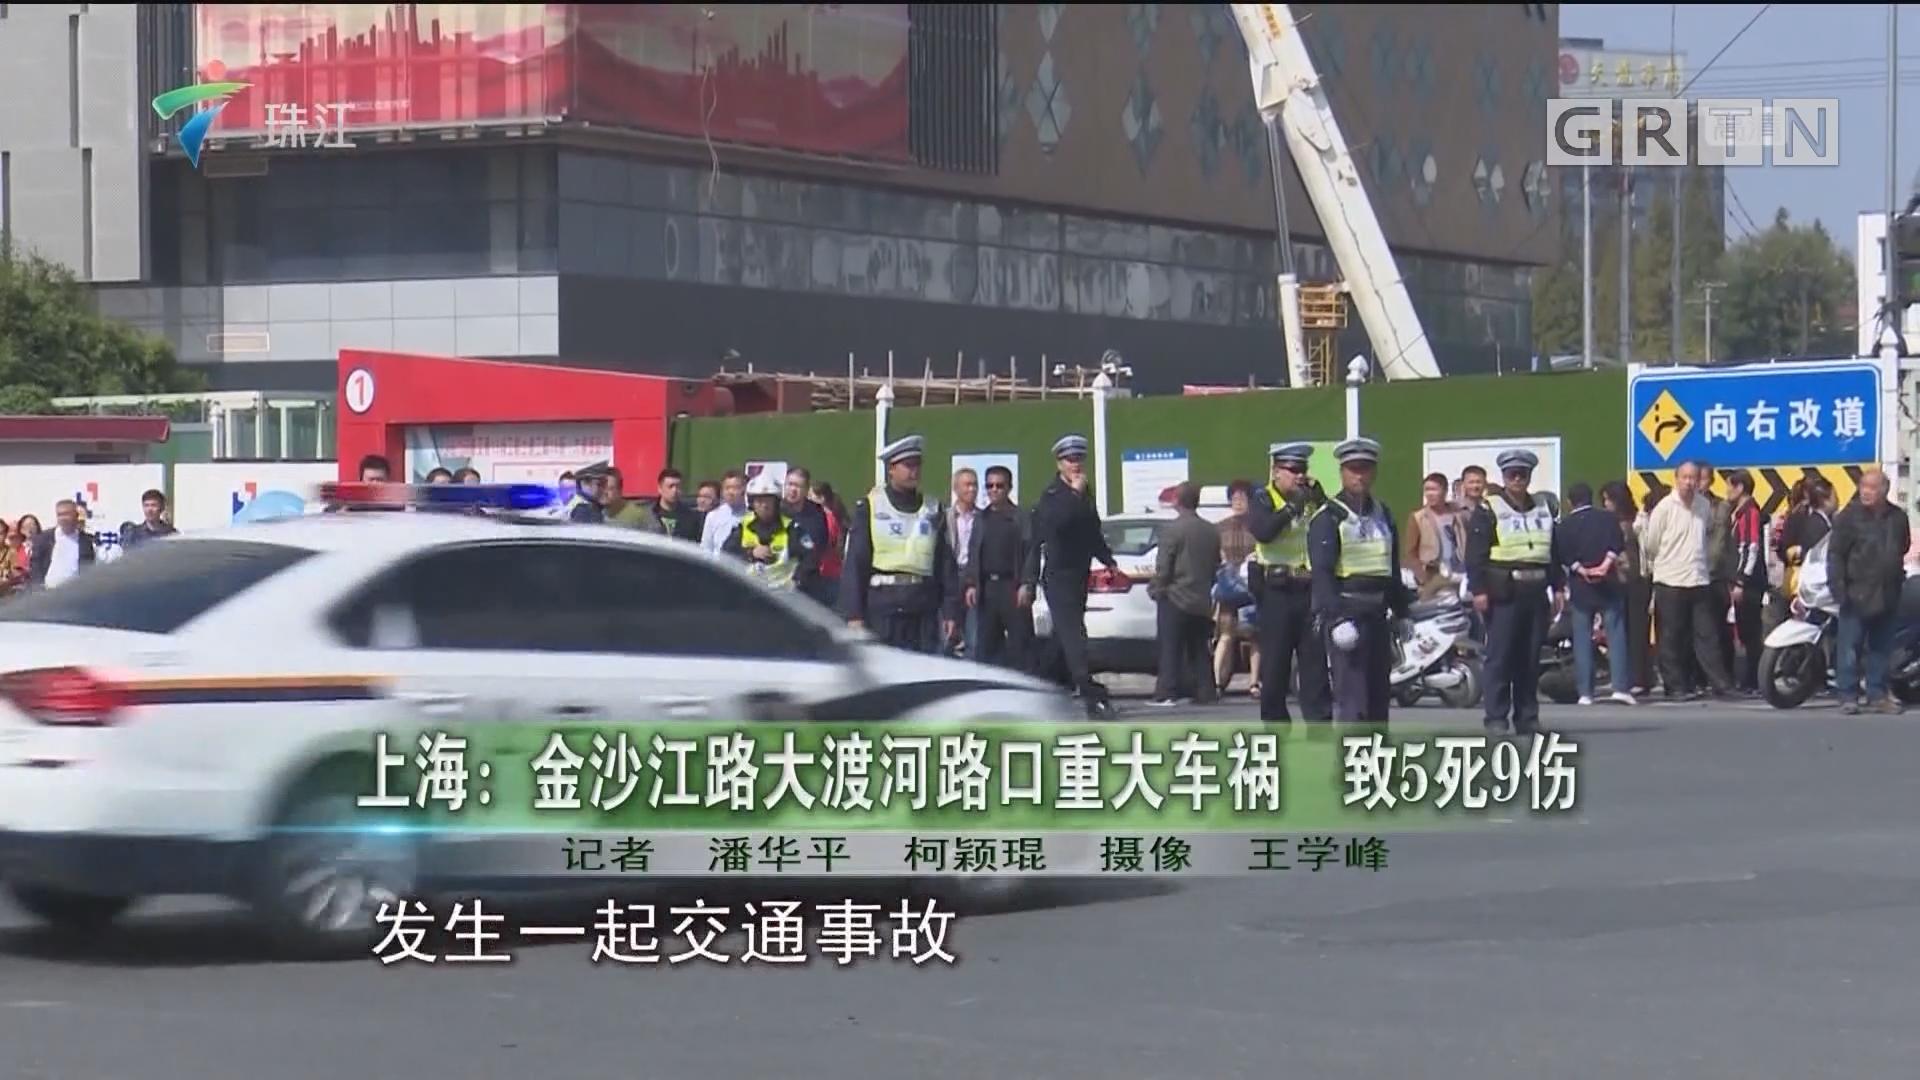 上海:金沙江路大渡河路口重大车祸 致5死9伤